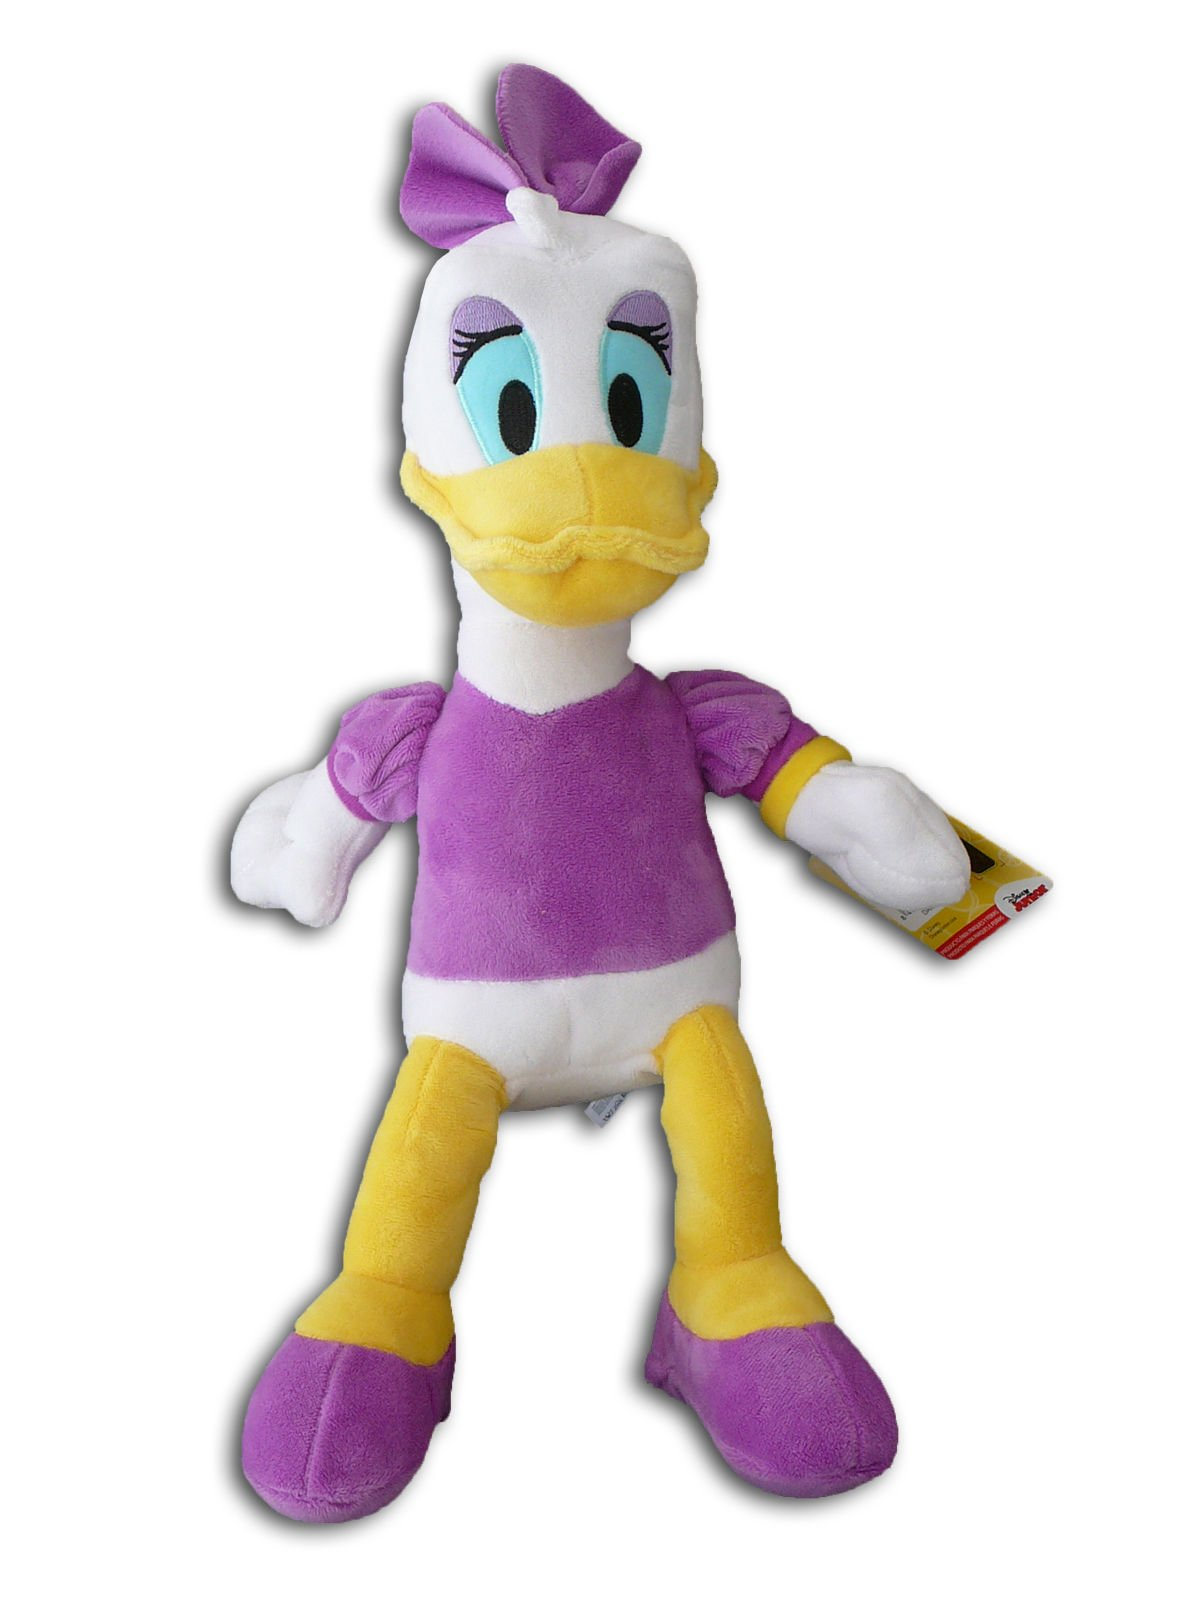 Peluche Daisy Disney 38cm: Amazon.es: Juguetes y juegos